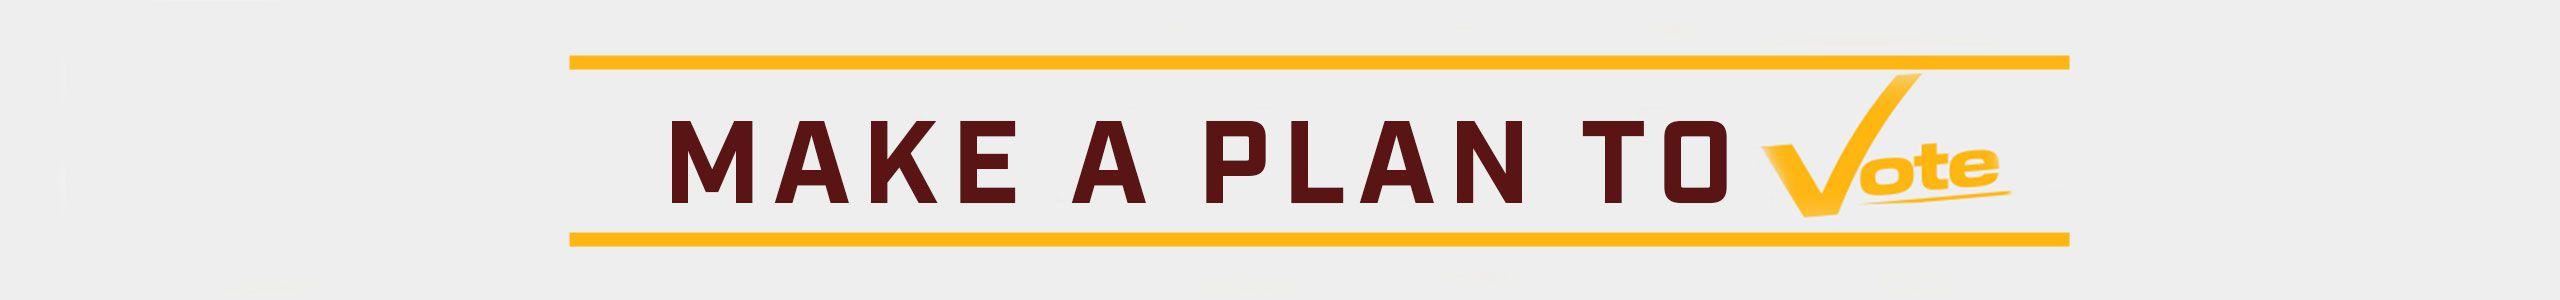 dmvotes_make_a_plan